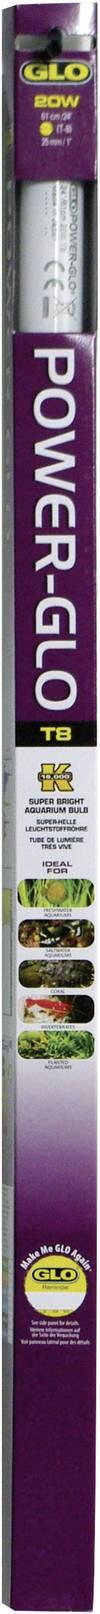 GLO A1626 Aquarium-Leuchtstoffröhre Power-Glo 20 W